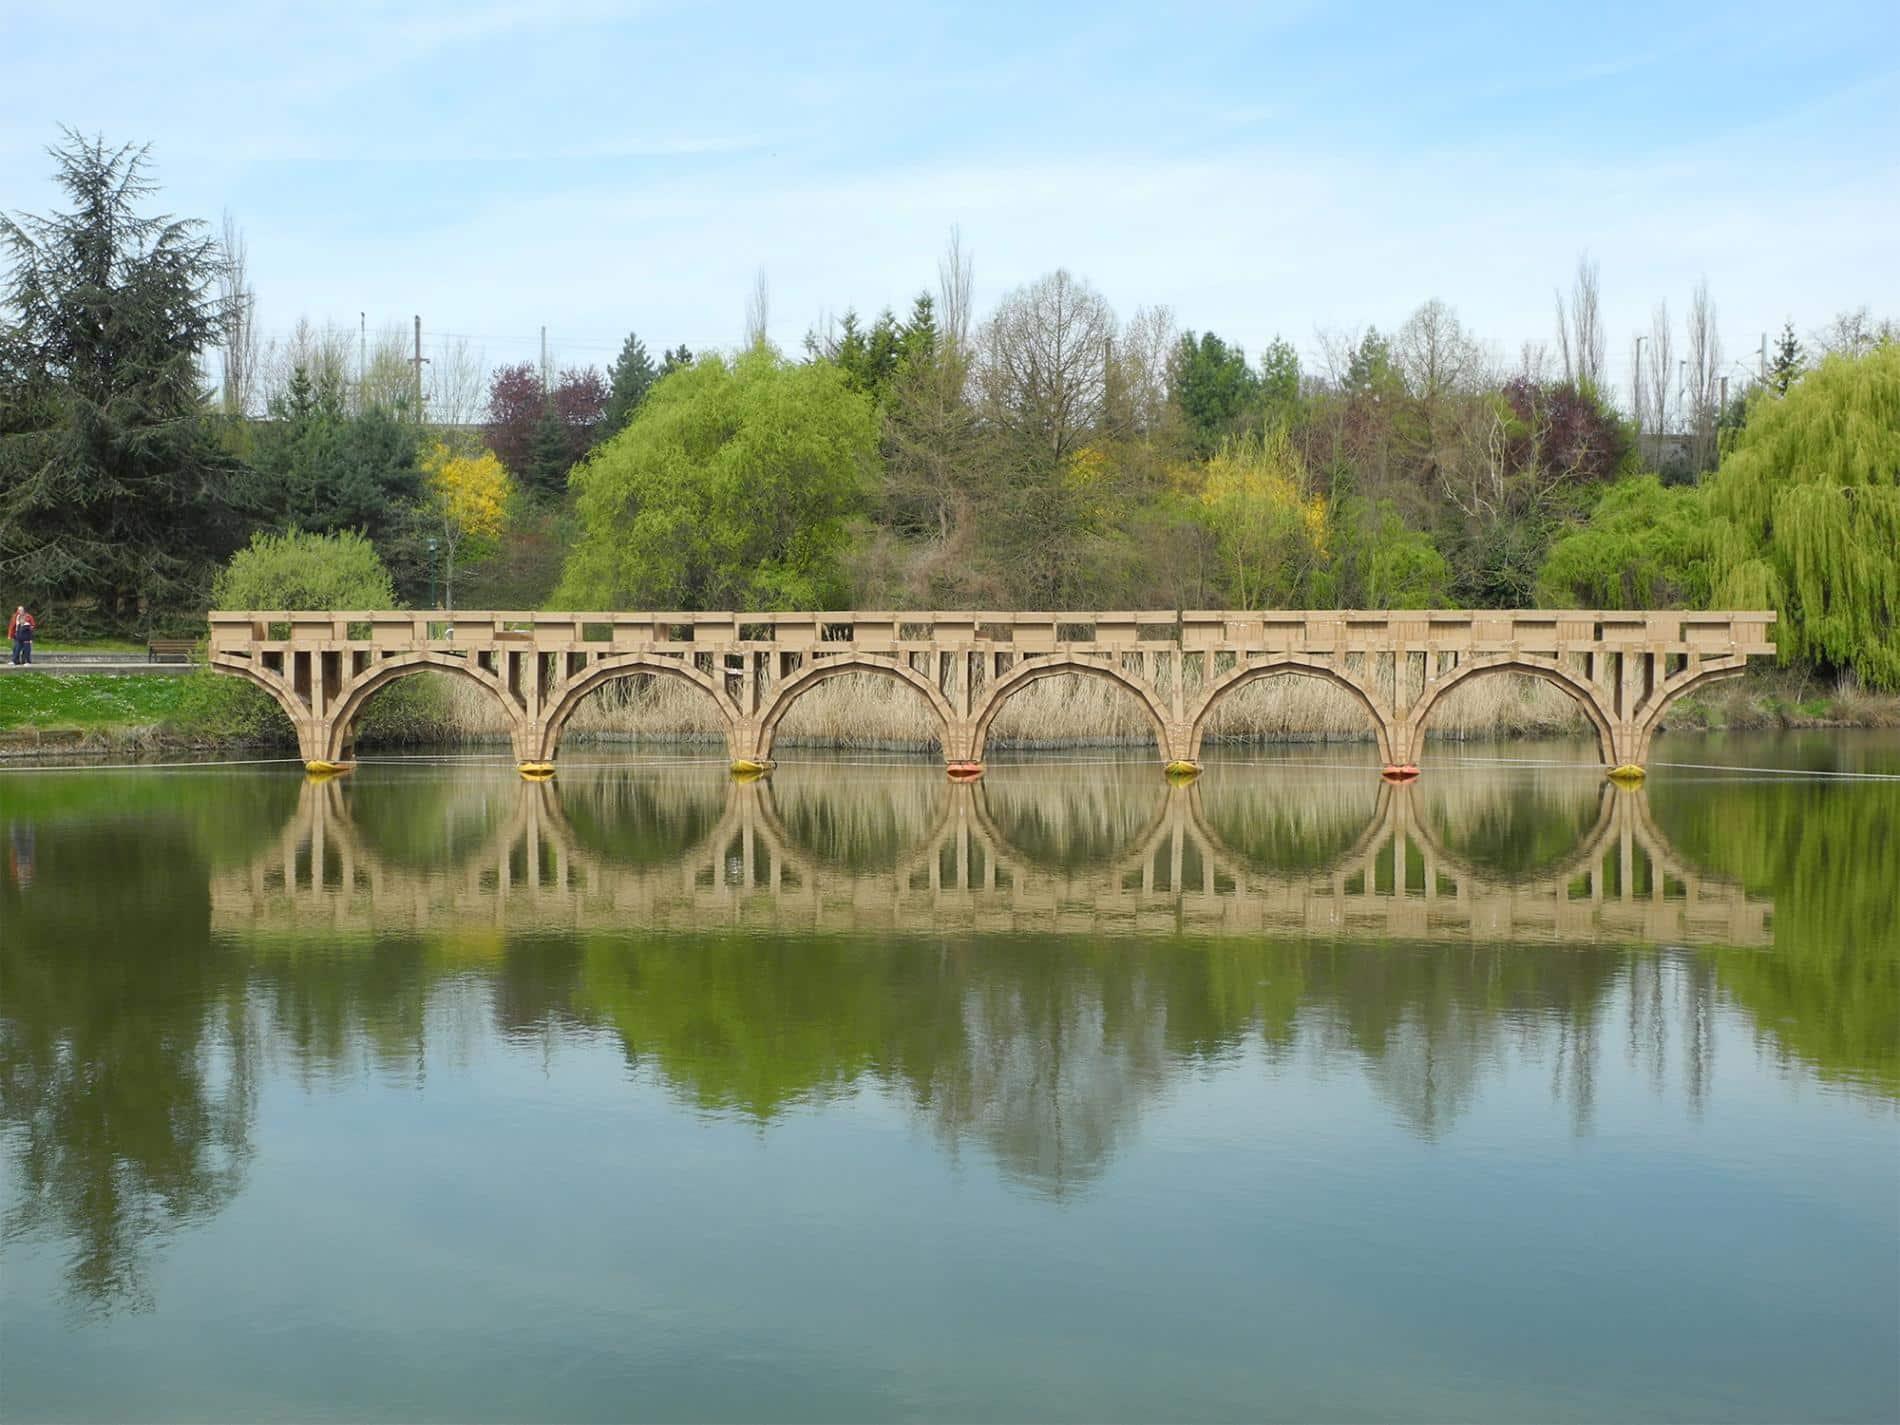 grossetete puente carton france 2016